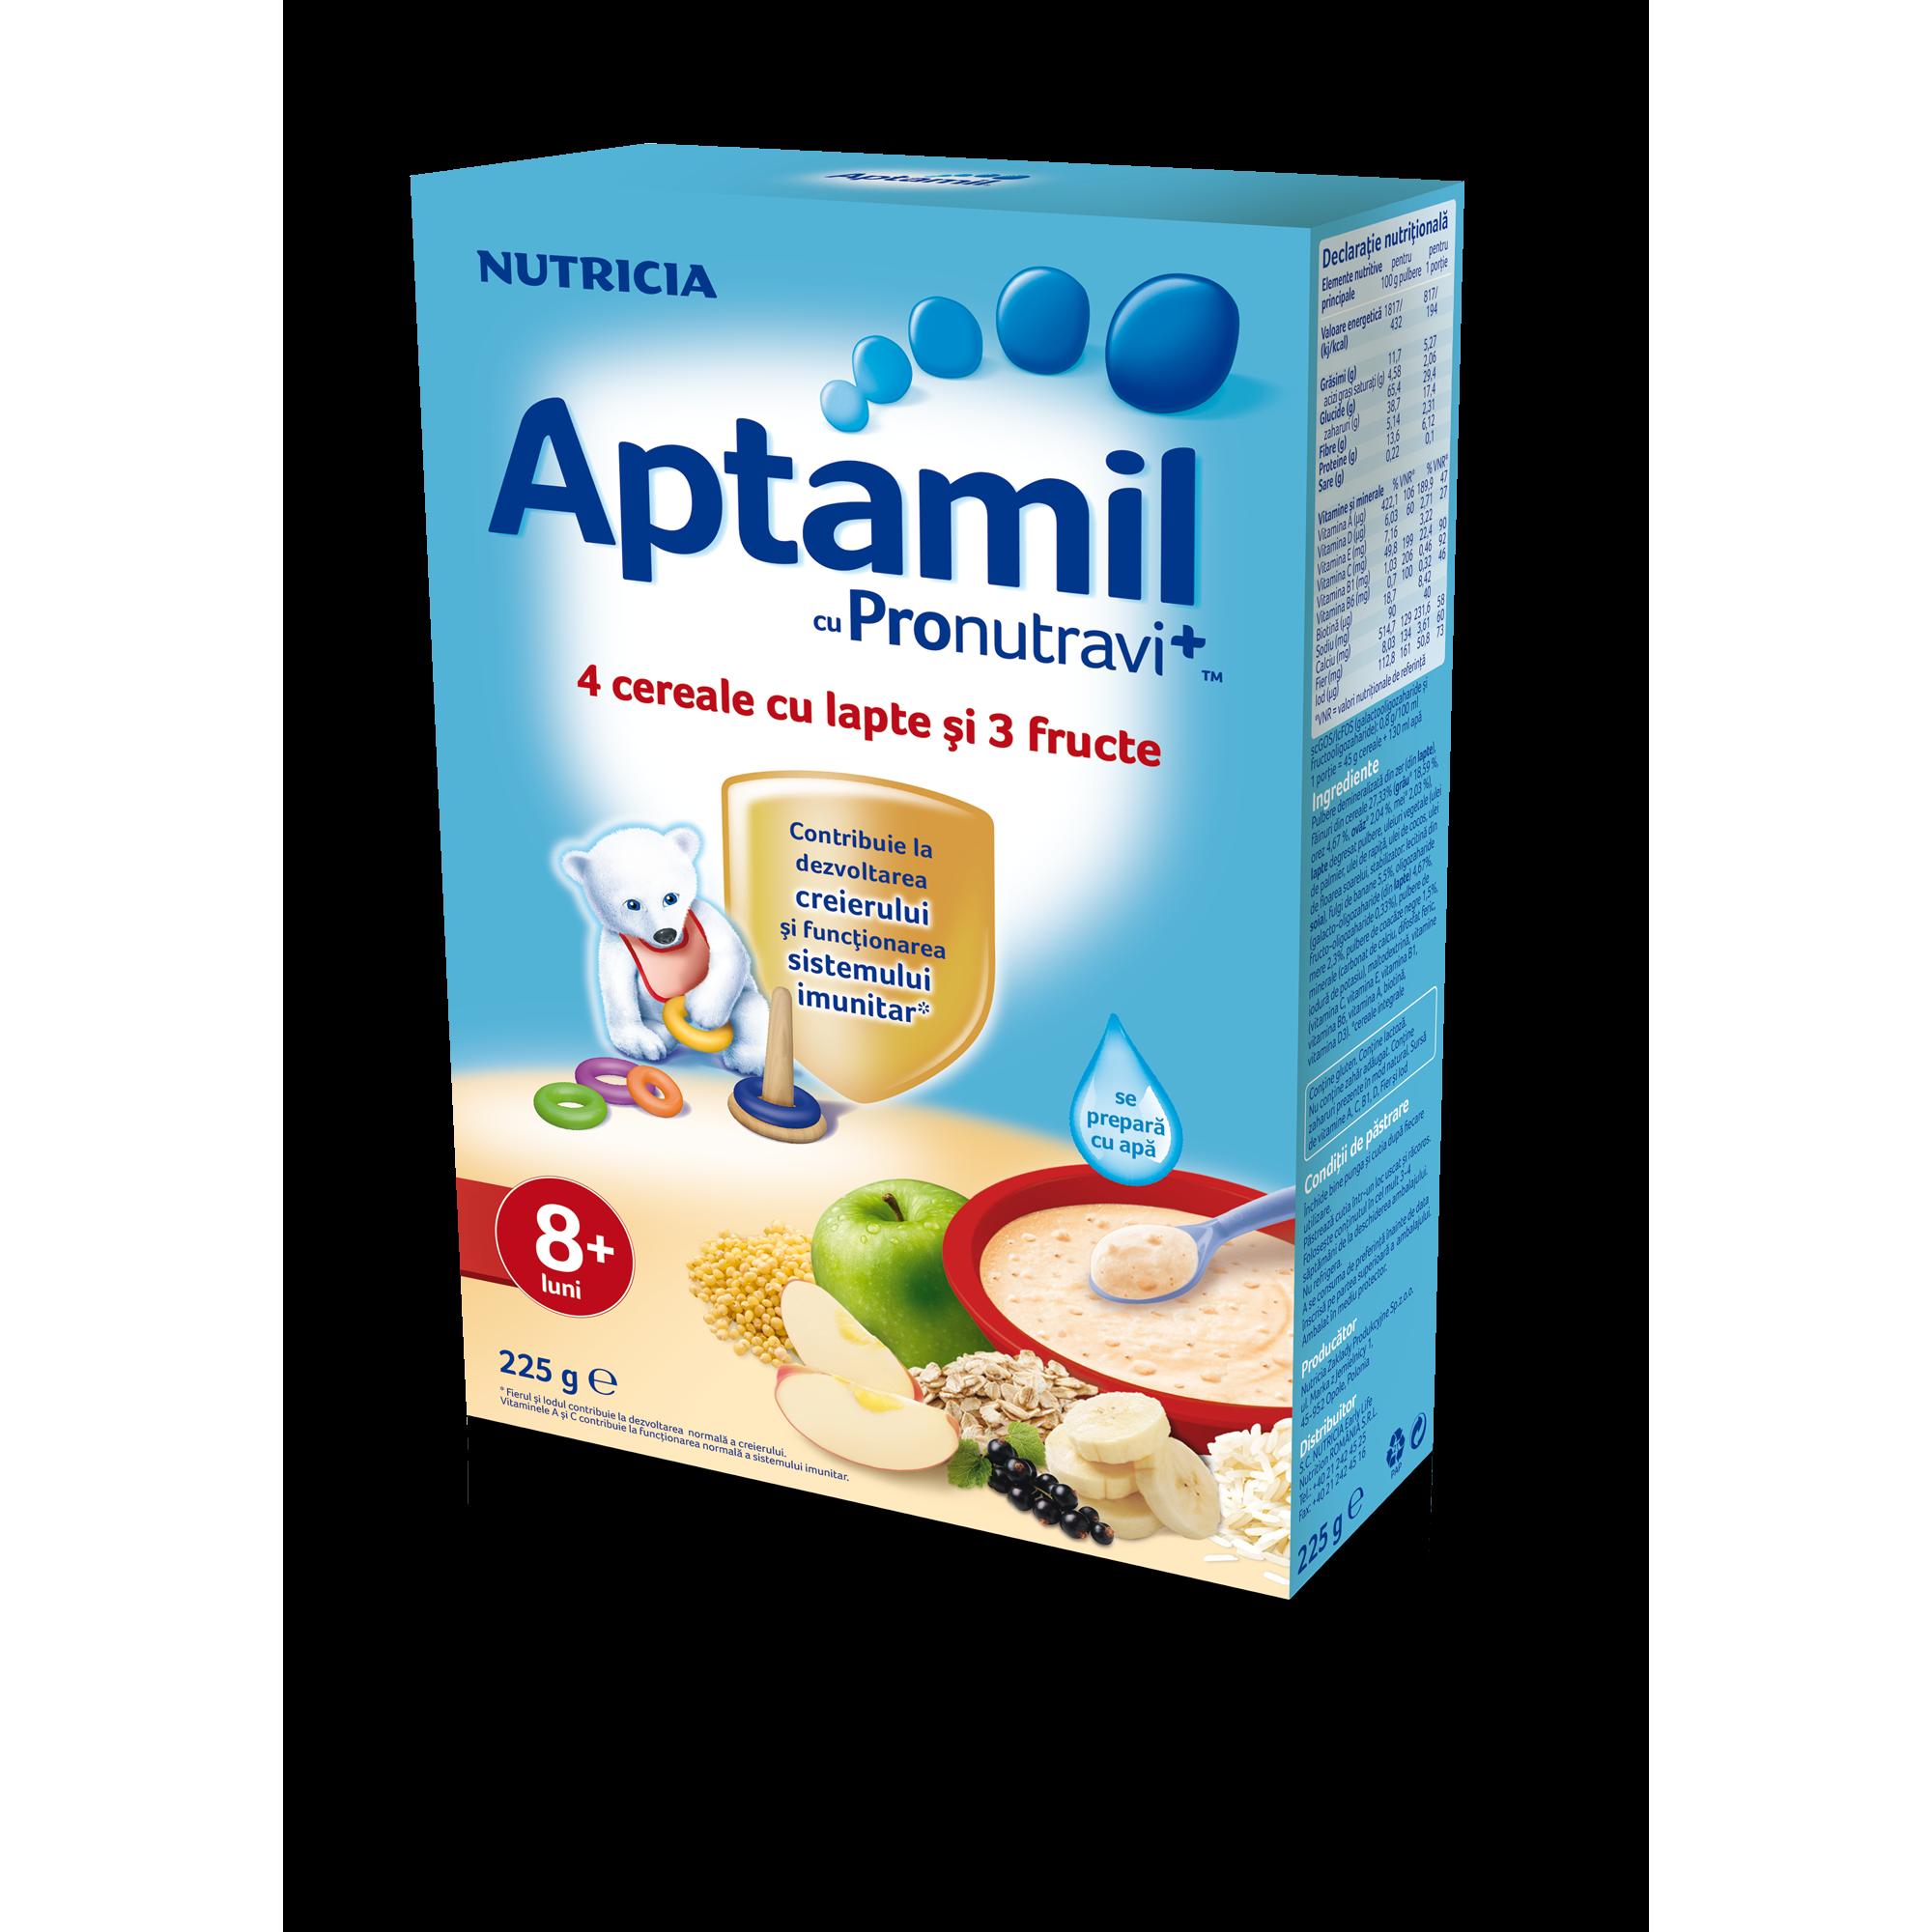 Cereale cu lapte Nutricia, Aptamil, 4 cereale si 3 fructe, 225g, 8luni+